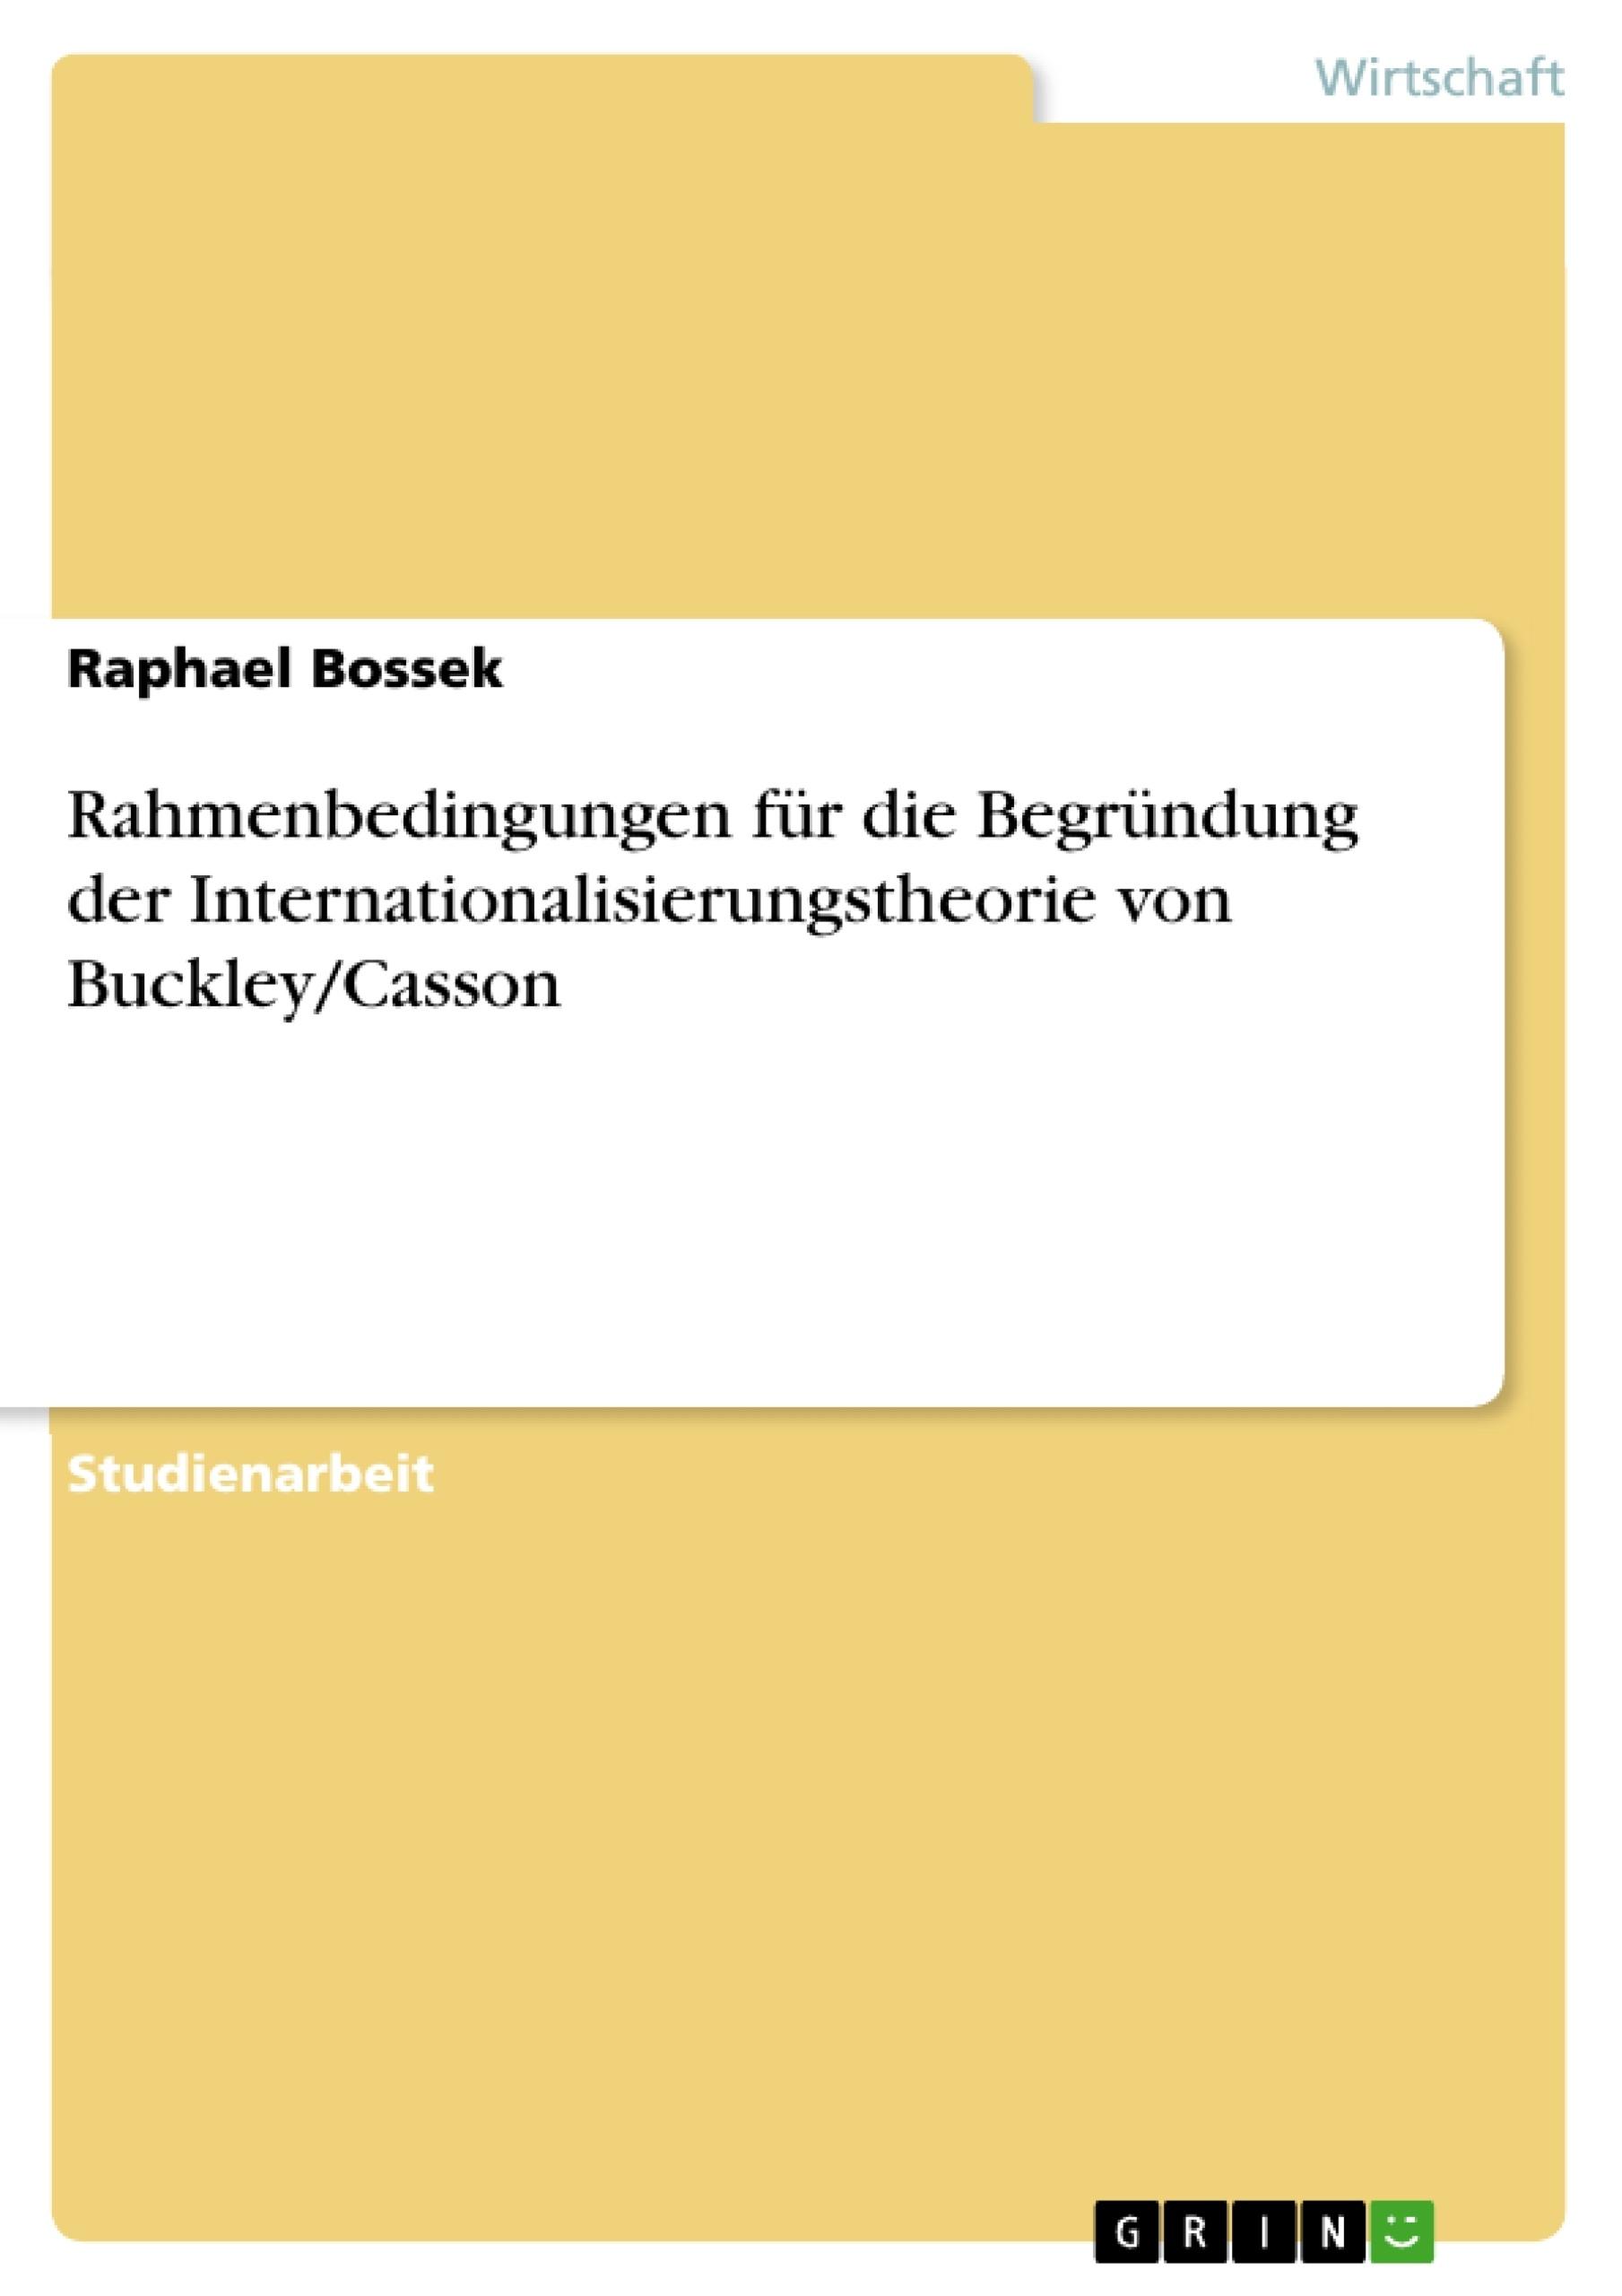 Titel: Rahmenbedingungen für die Begründung der Internationalisierungstheorie von Buckley/Casson